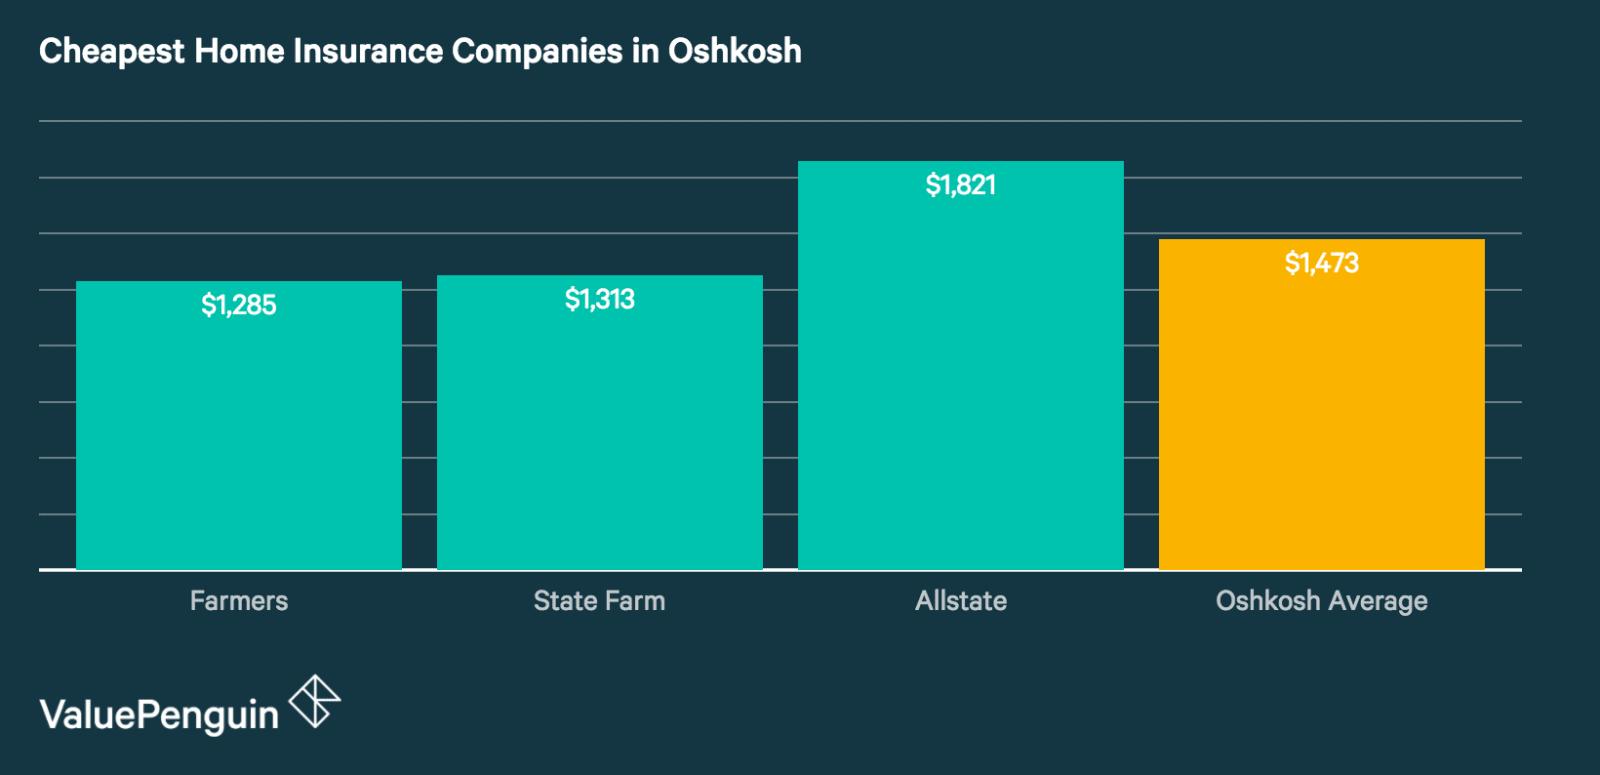 Best Home Insurance Companies in Oshkosh